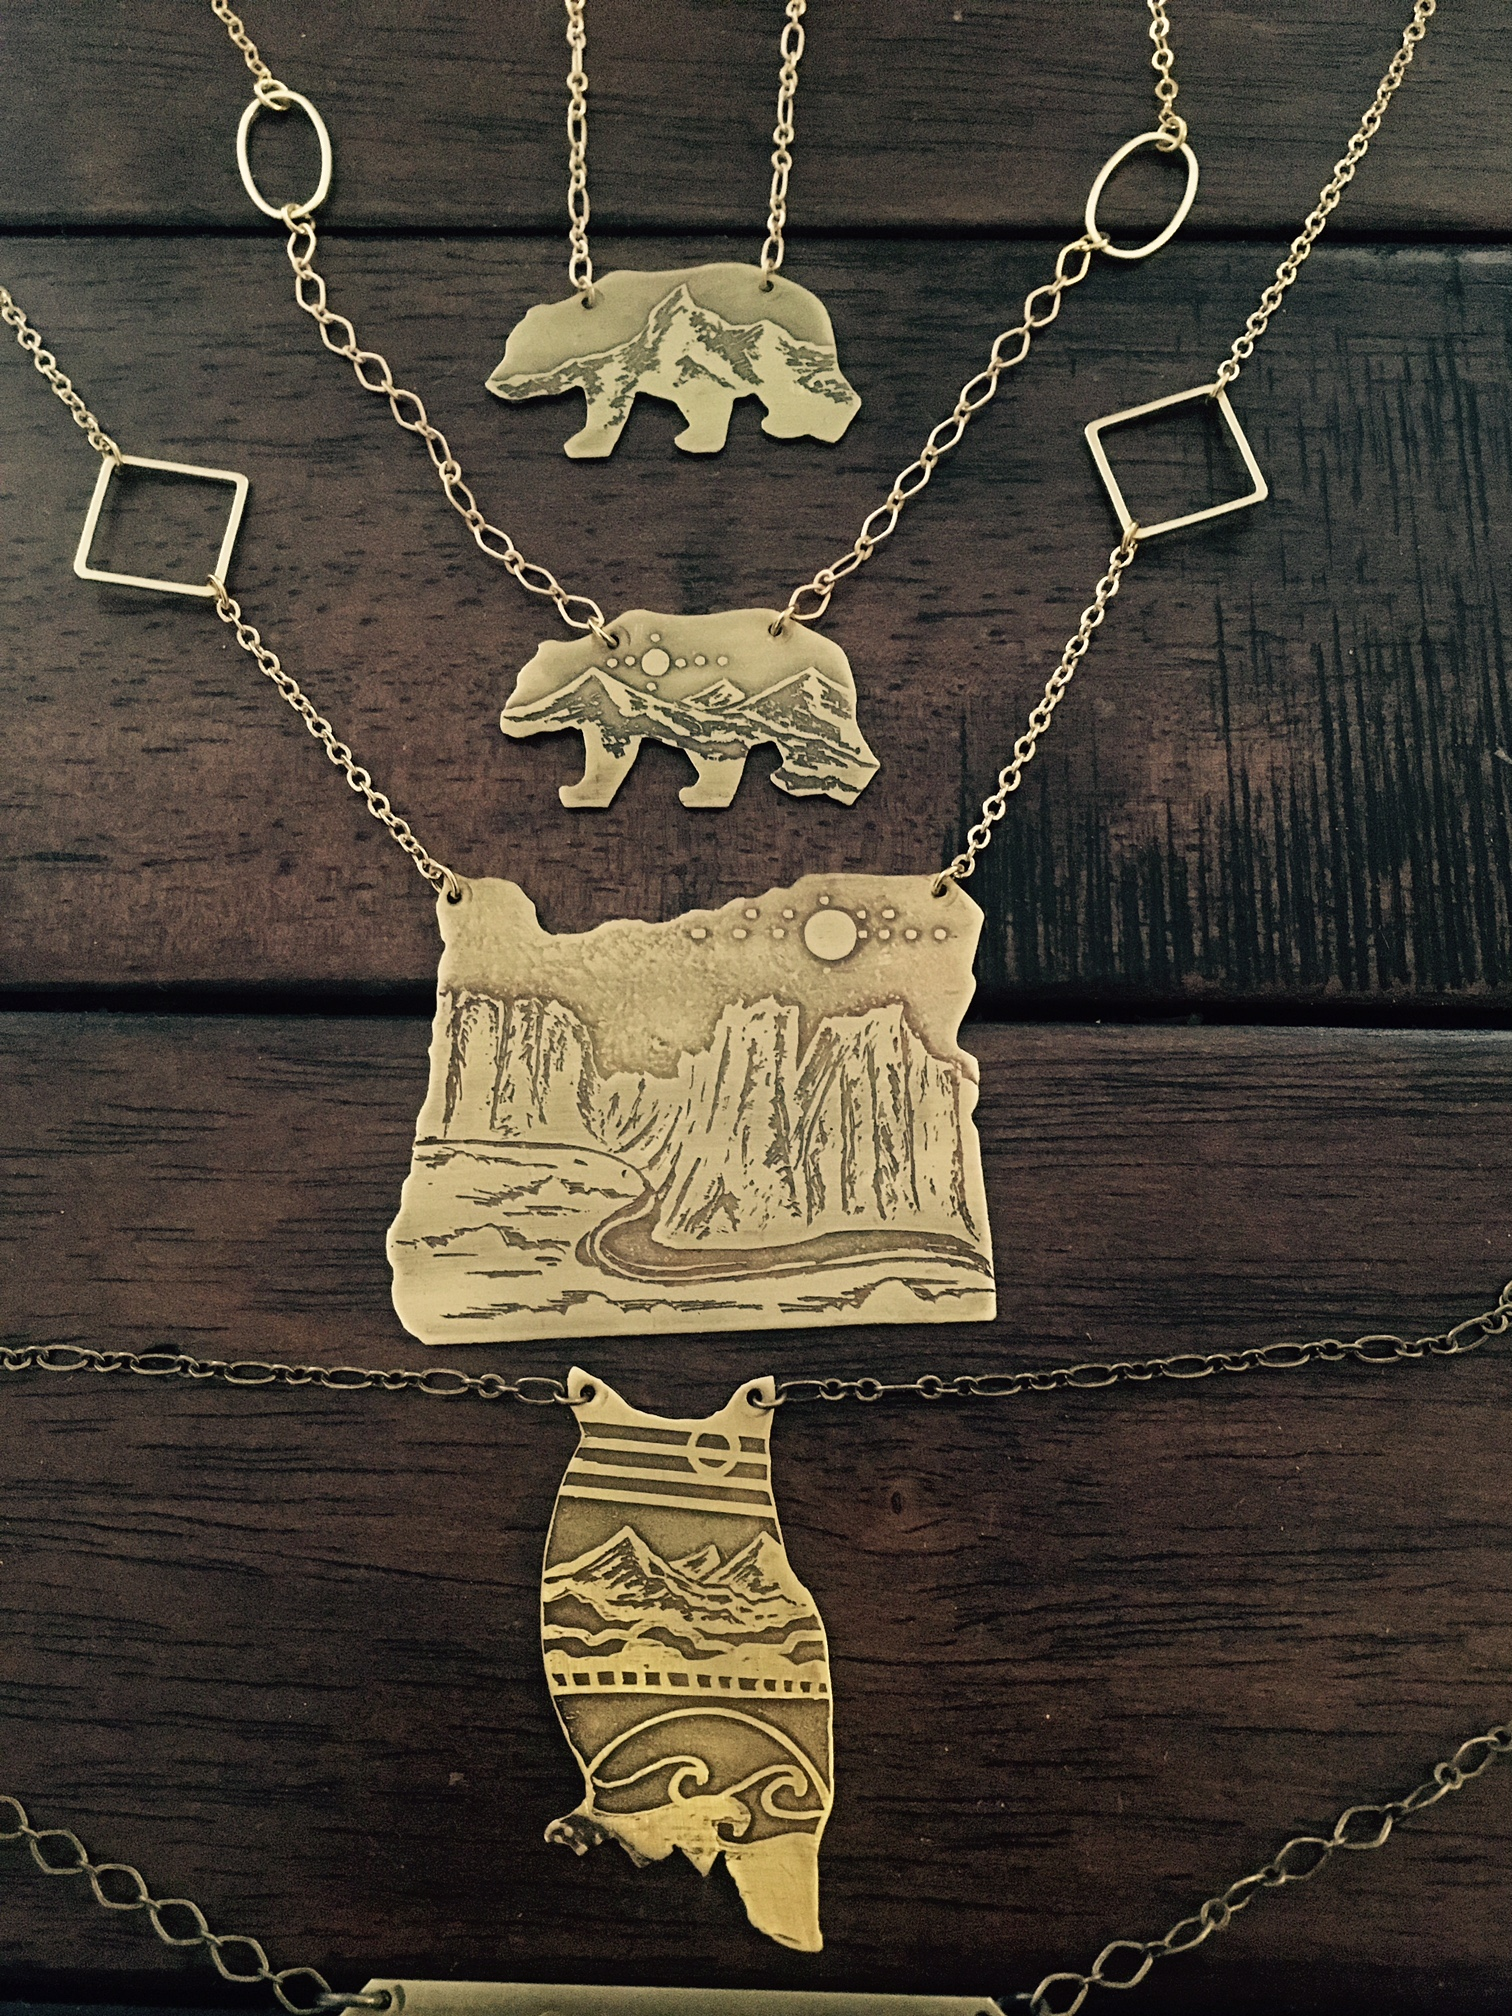 Cutout Necklaces